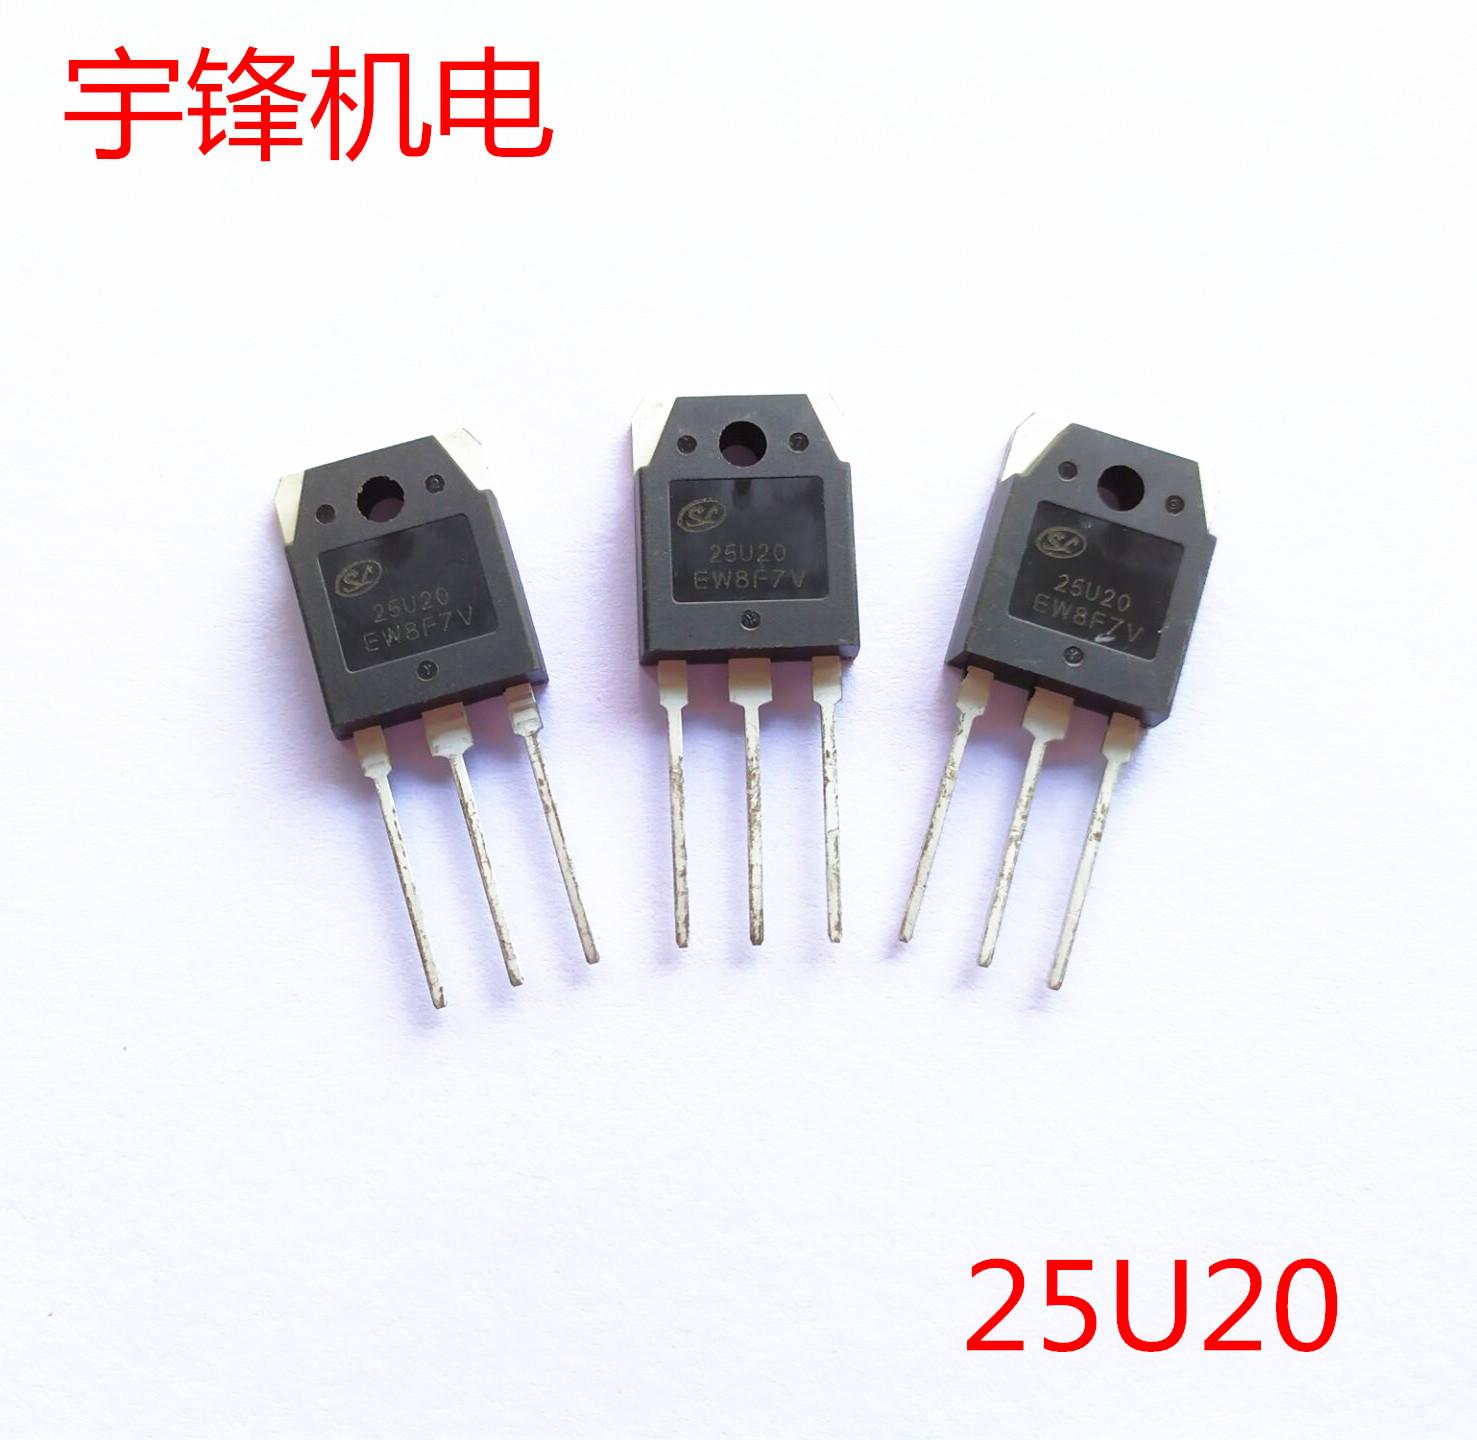 3.50元包邮逆变电焊机维修配件 线路板 电子元件25U20整流管